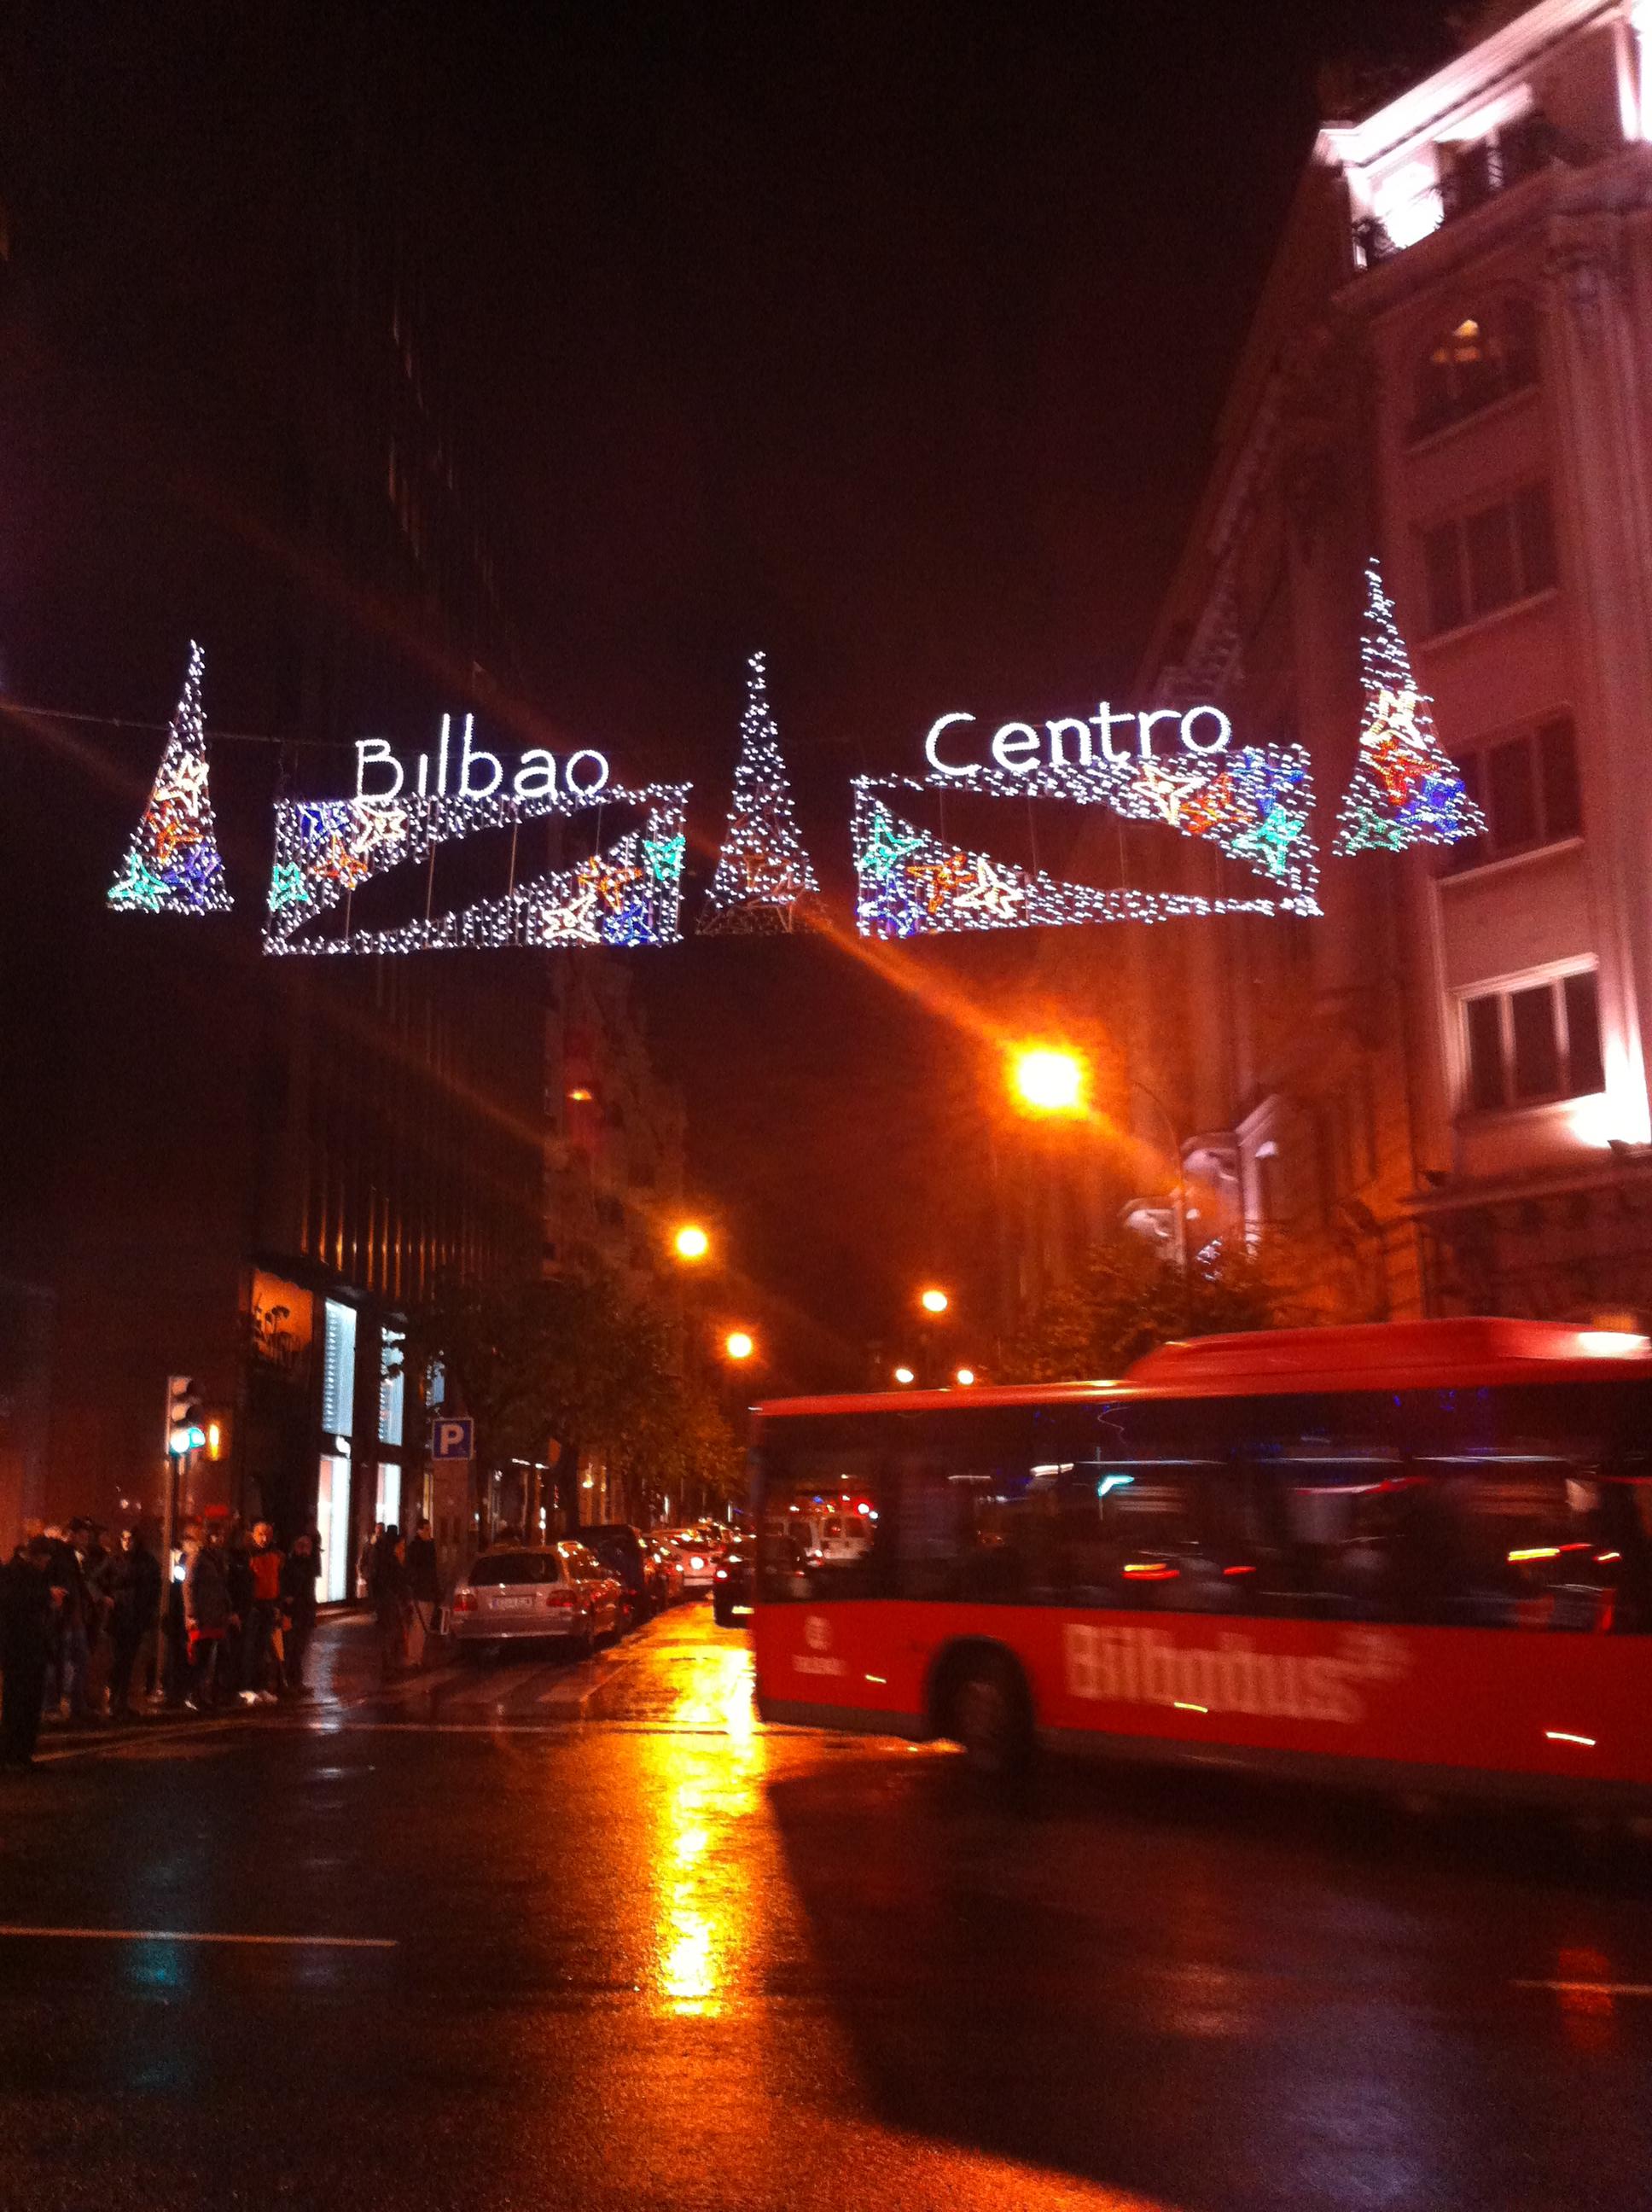 La navidad vuelve a brillar en bilbao centro bilbao - Temperatura actual bilbao ...